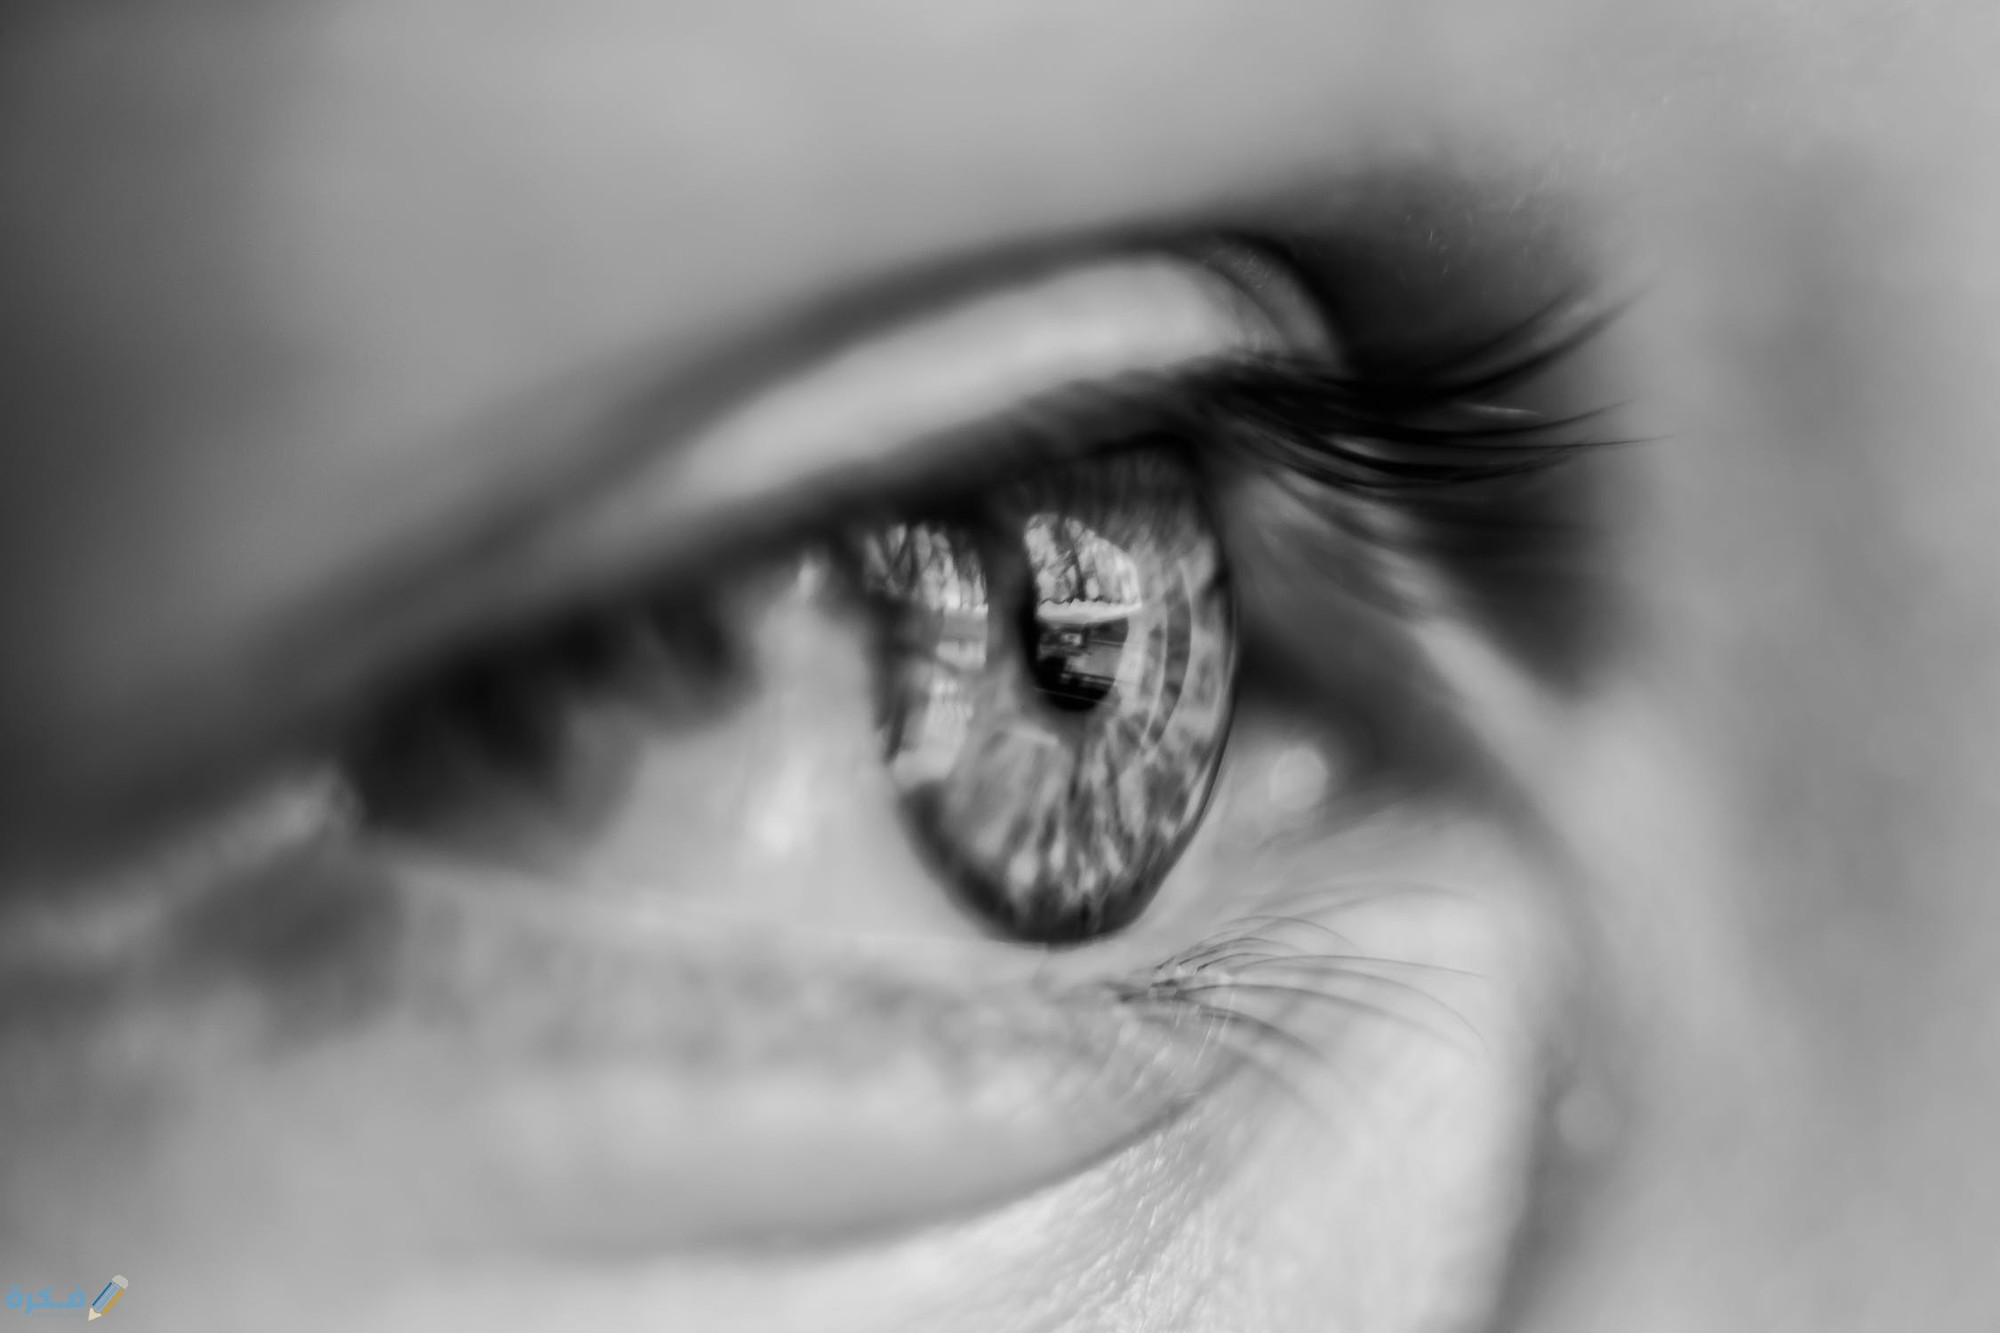 هل البكاء يؤثر على العين اقرأ السوق المفتوح